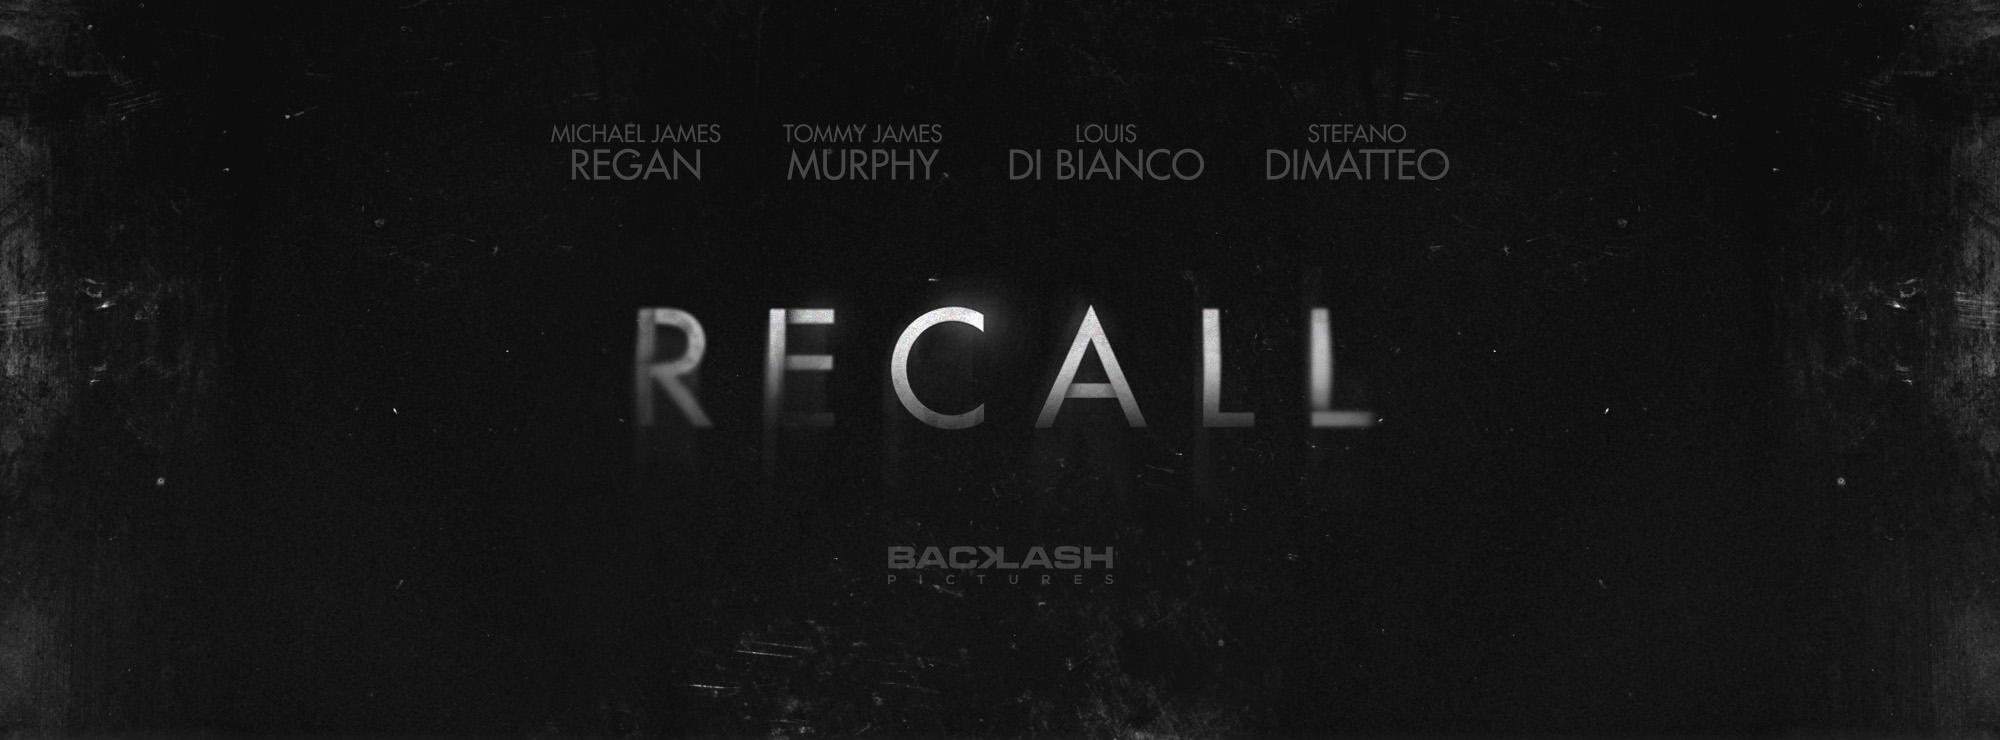 Recall-Facebook-Cover-1